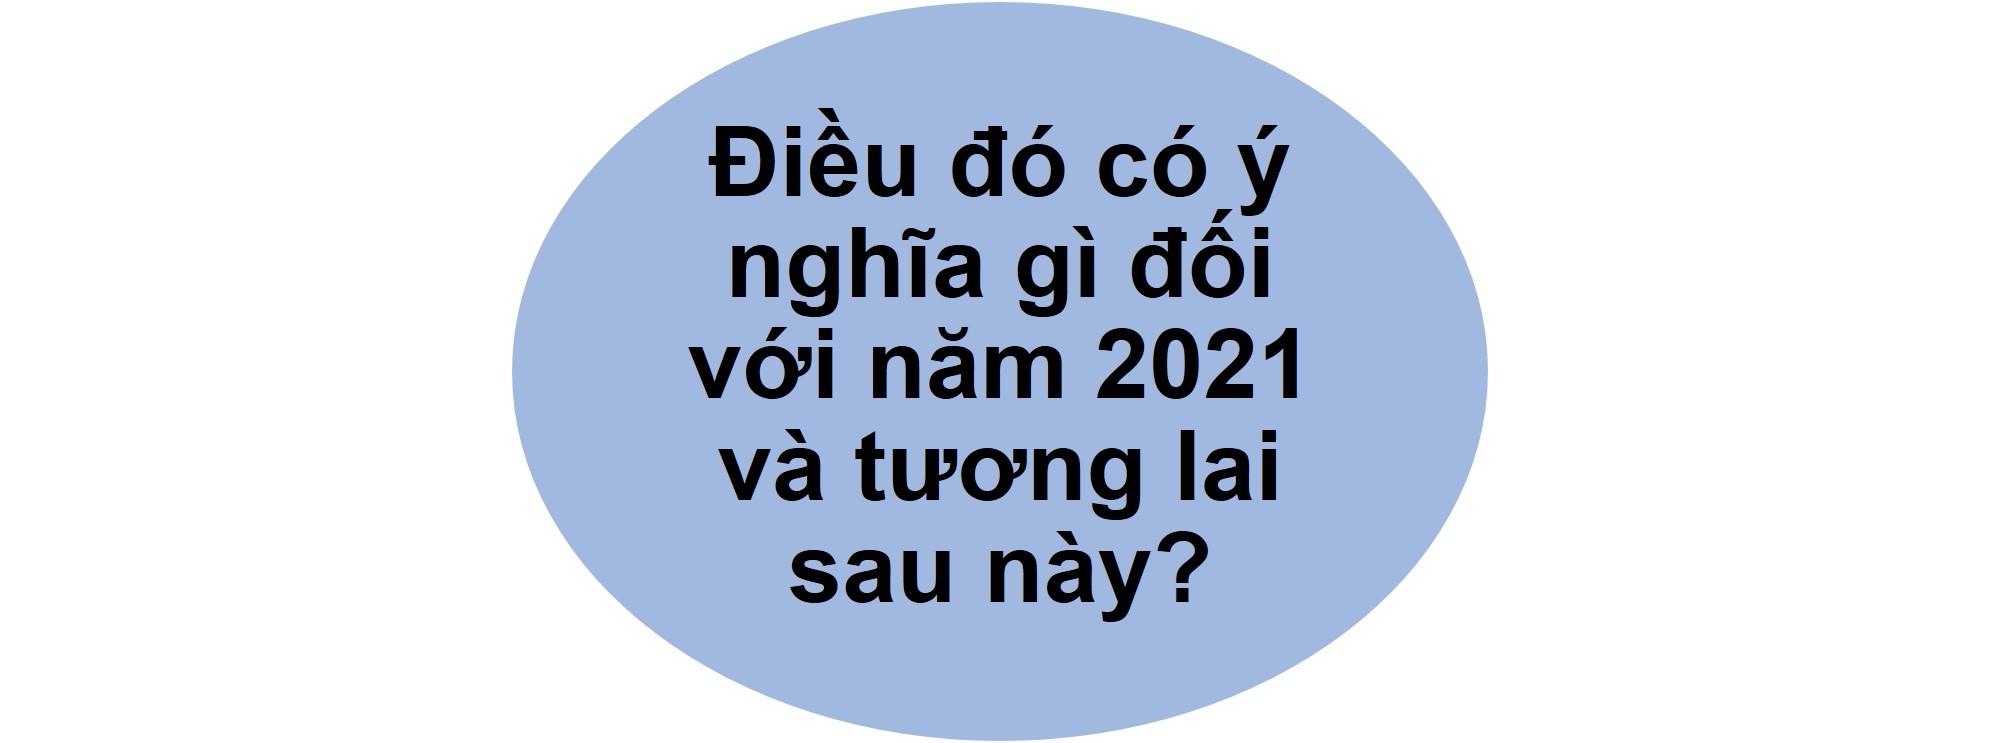 Hướng về tương lai ngành ẩm thực sau làn sóng COVID-19 thứ 4 tại Việt Nam - Ảnh 2.